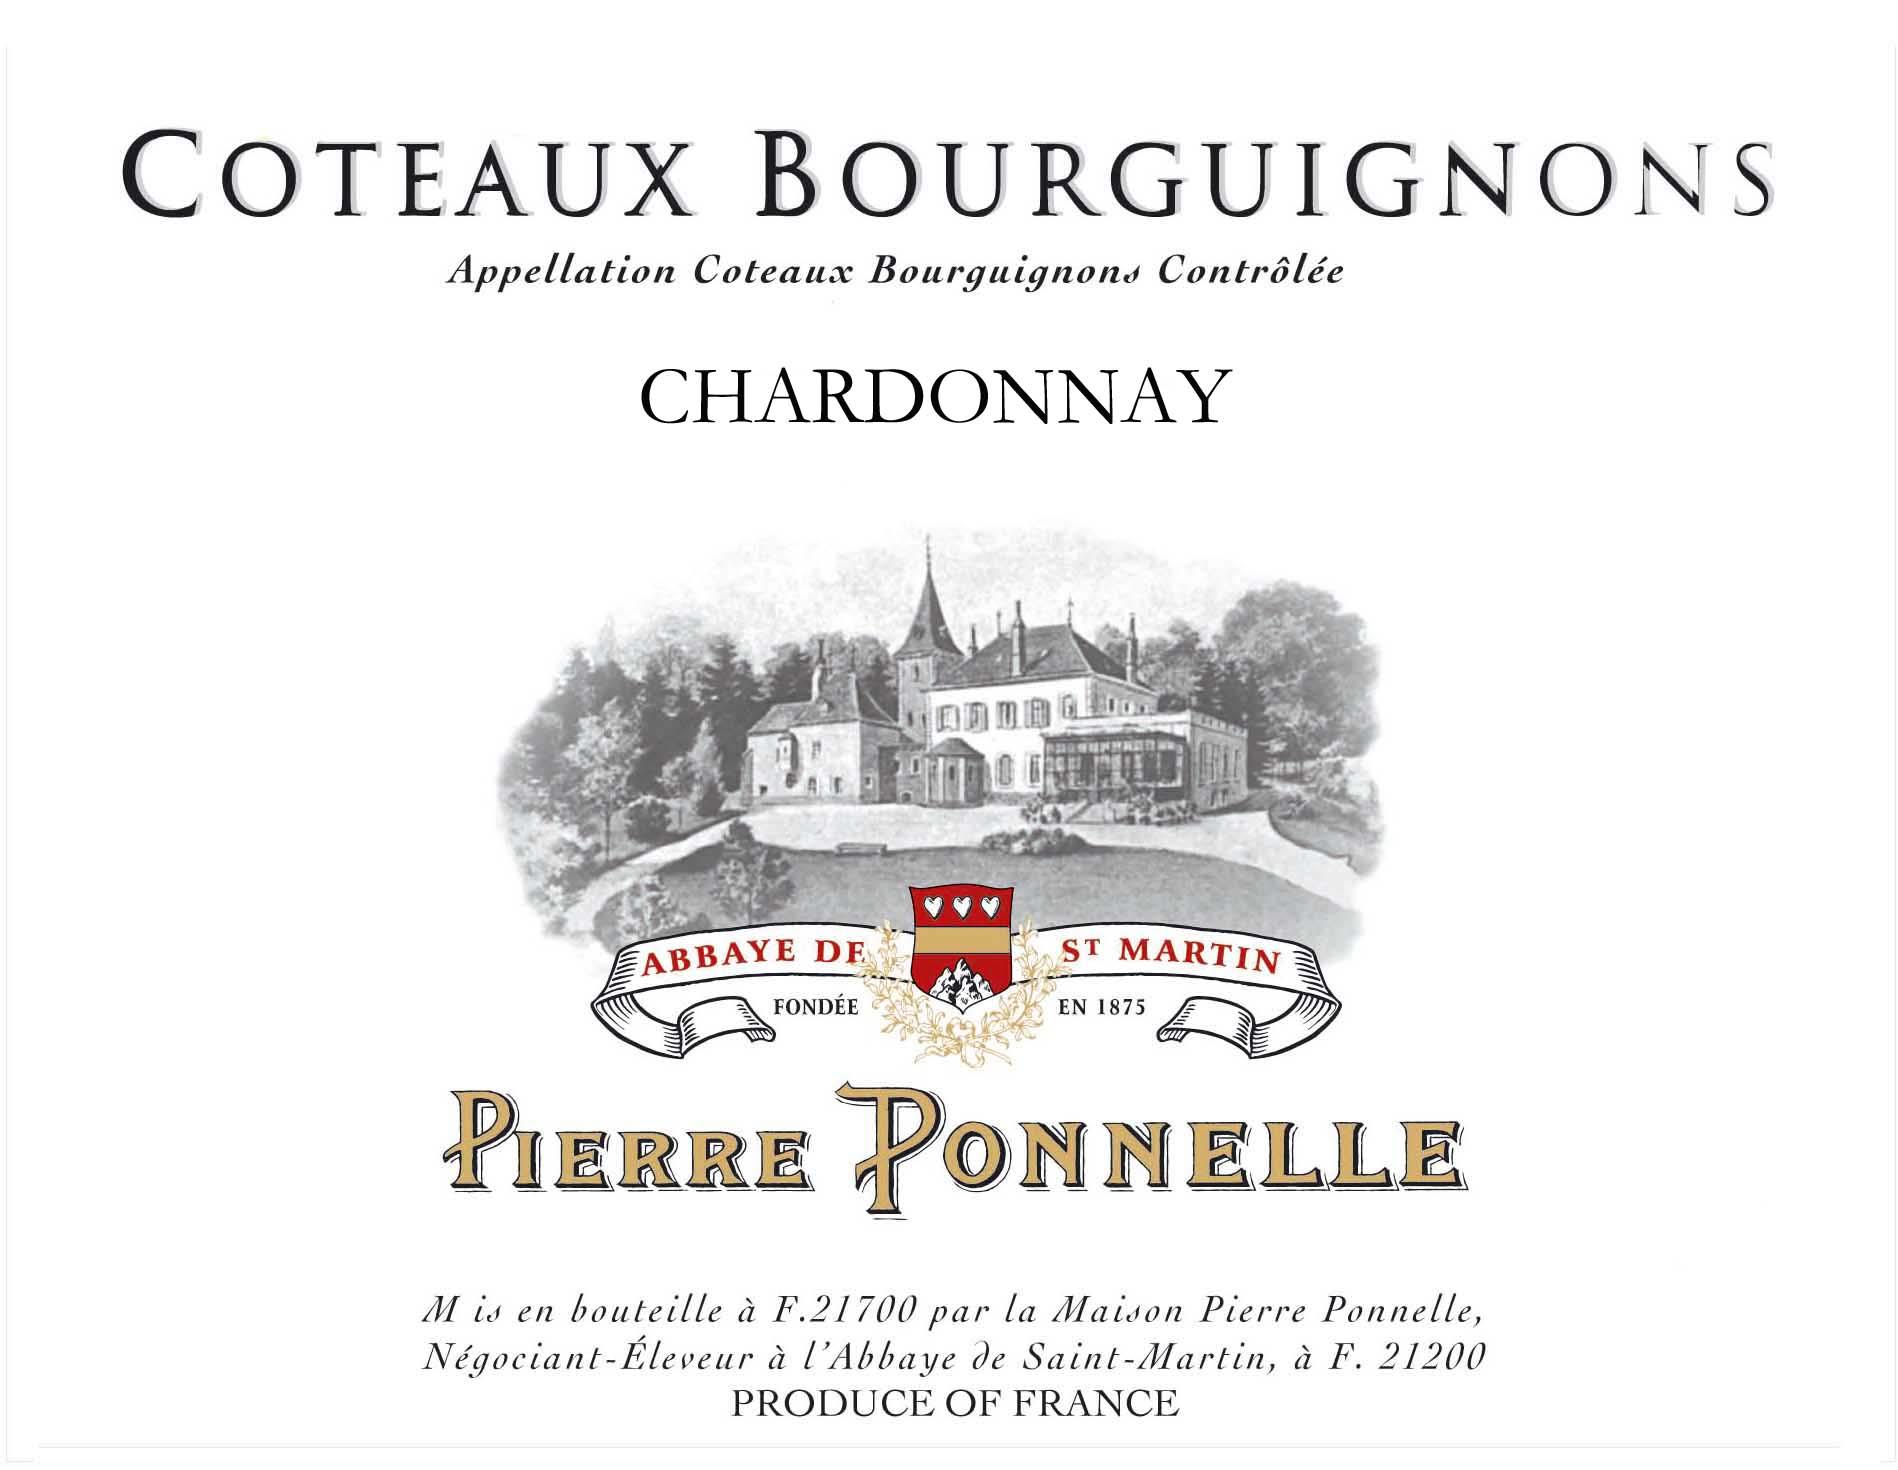 Coteaux Bourguignons Chardonnay